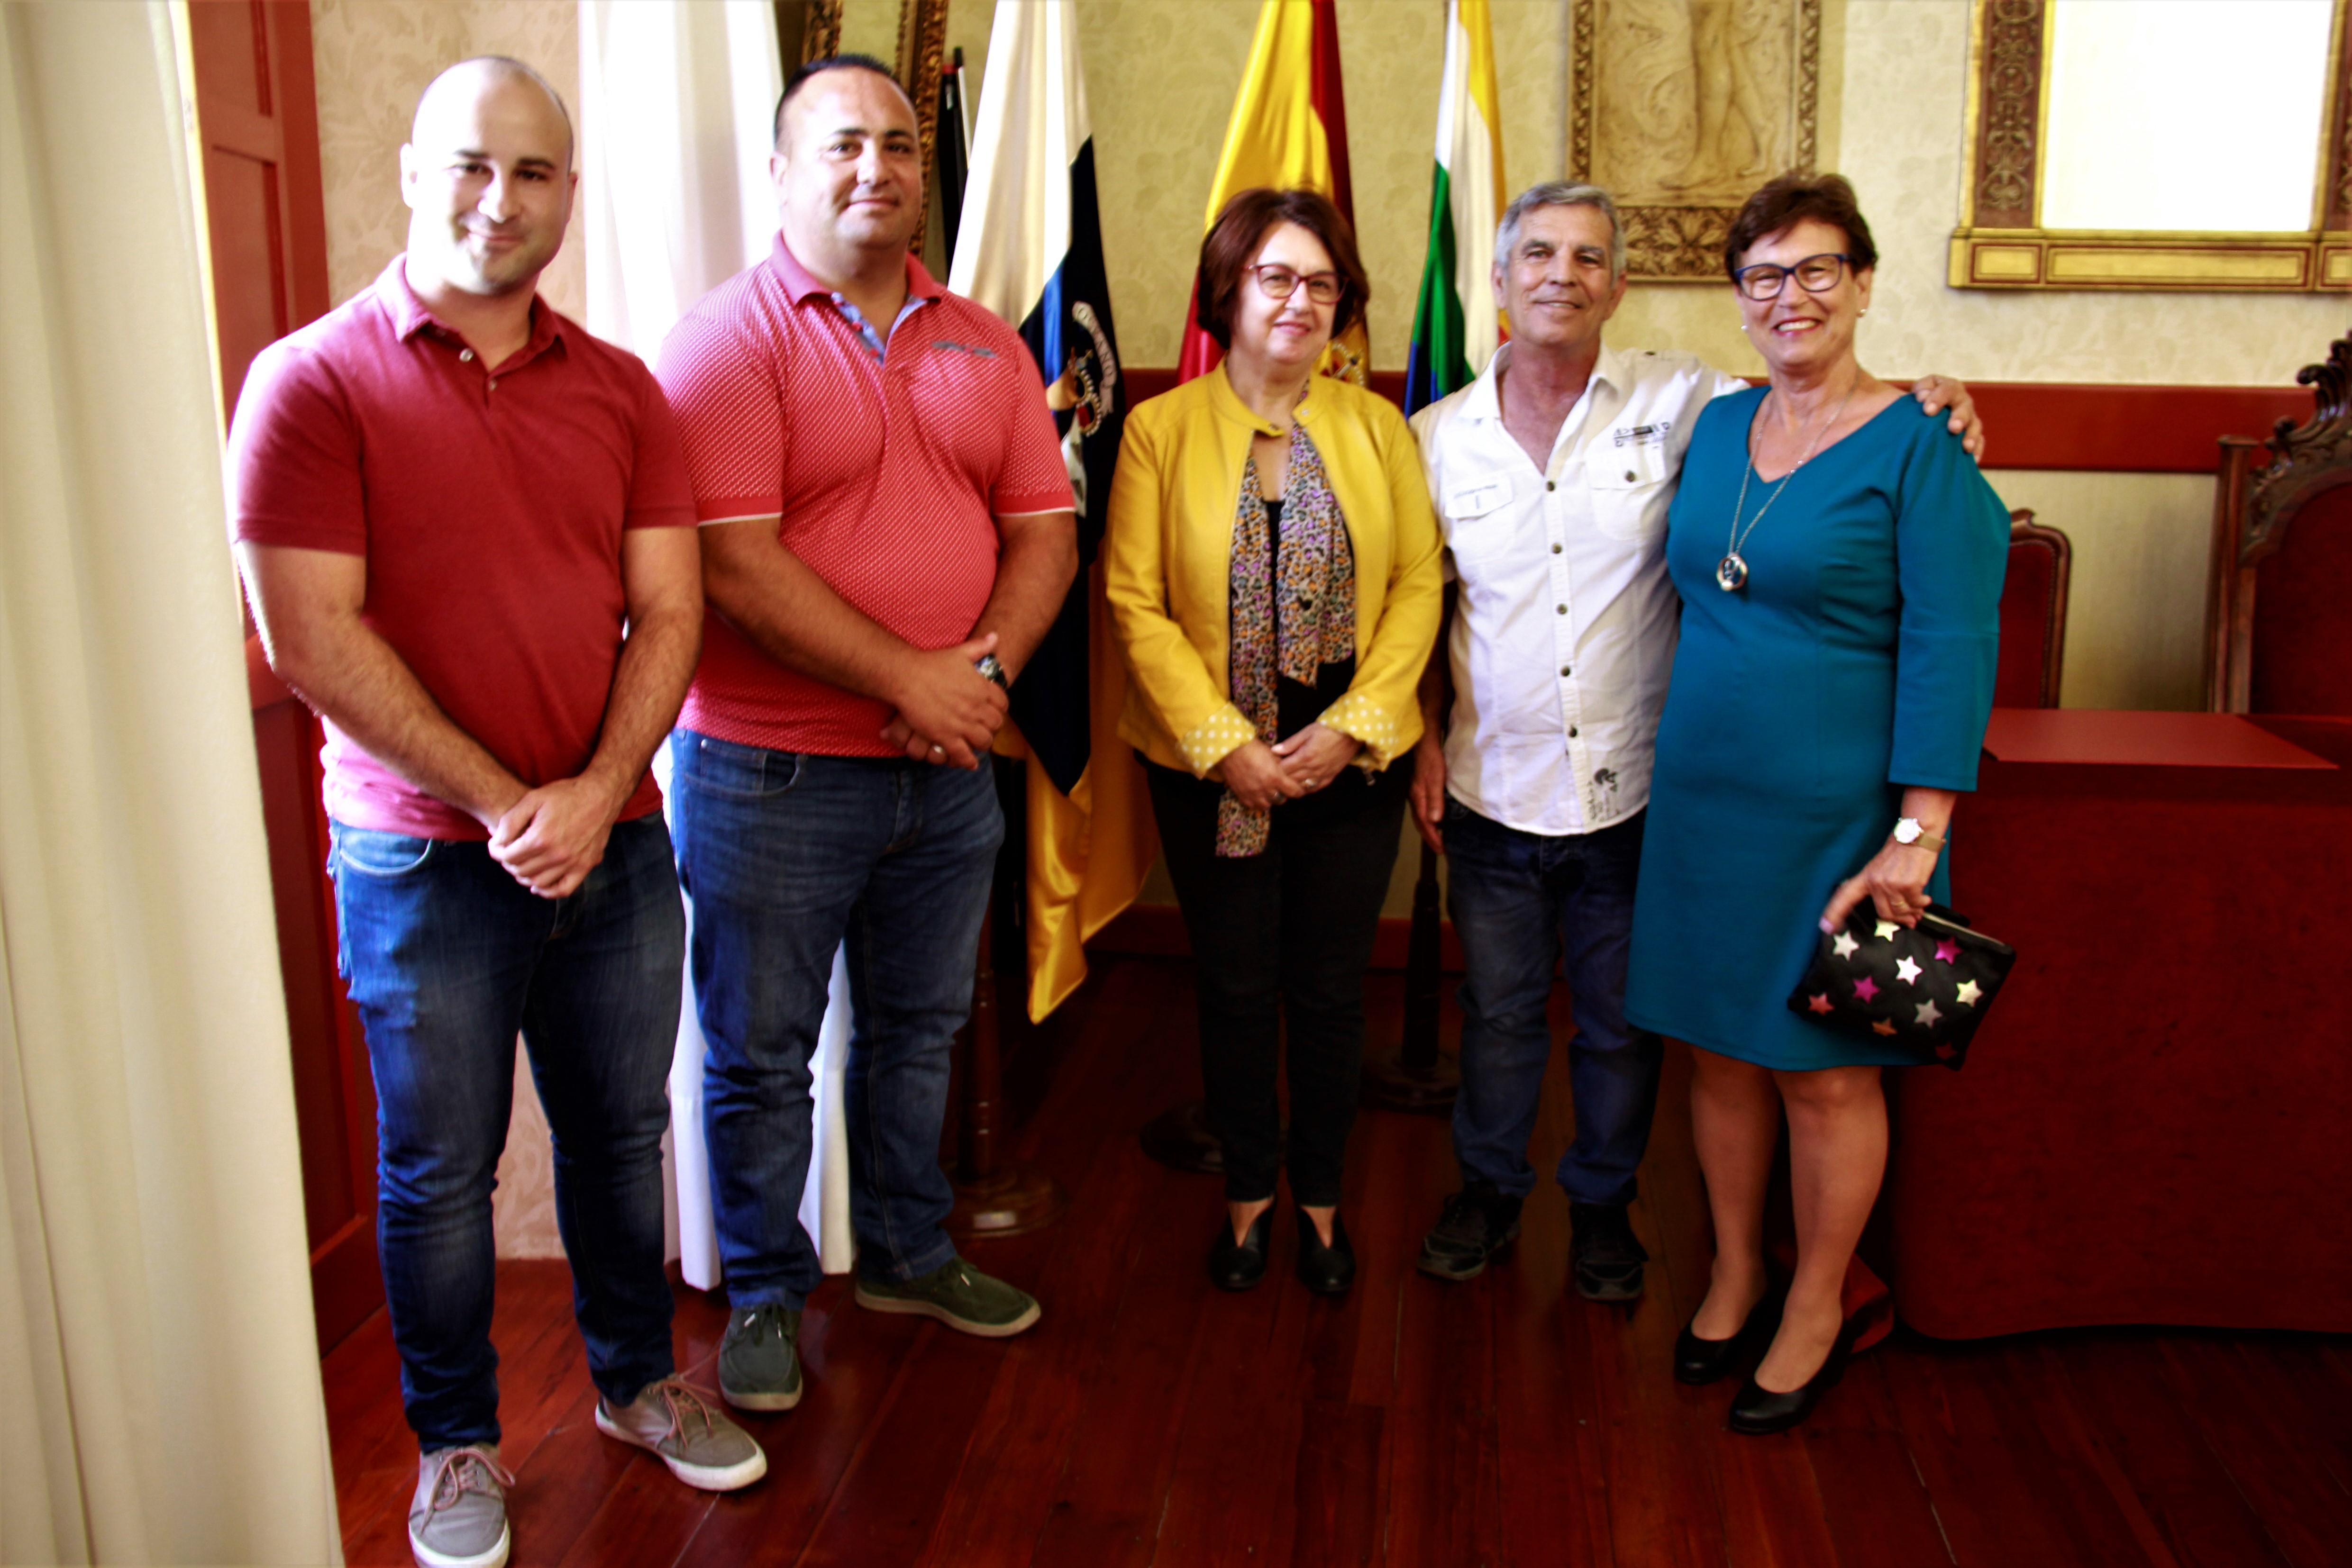 El Ayuntamiento agradece a Margarita Cruz y a Carmelo Mora su dedicación al municipio